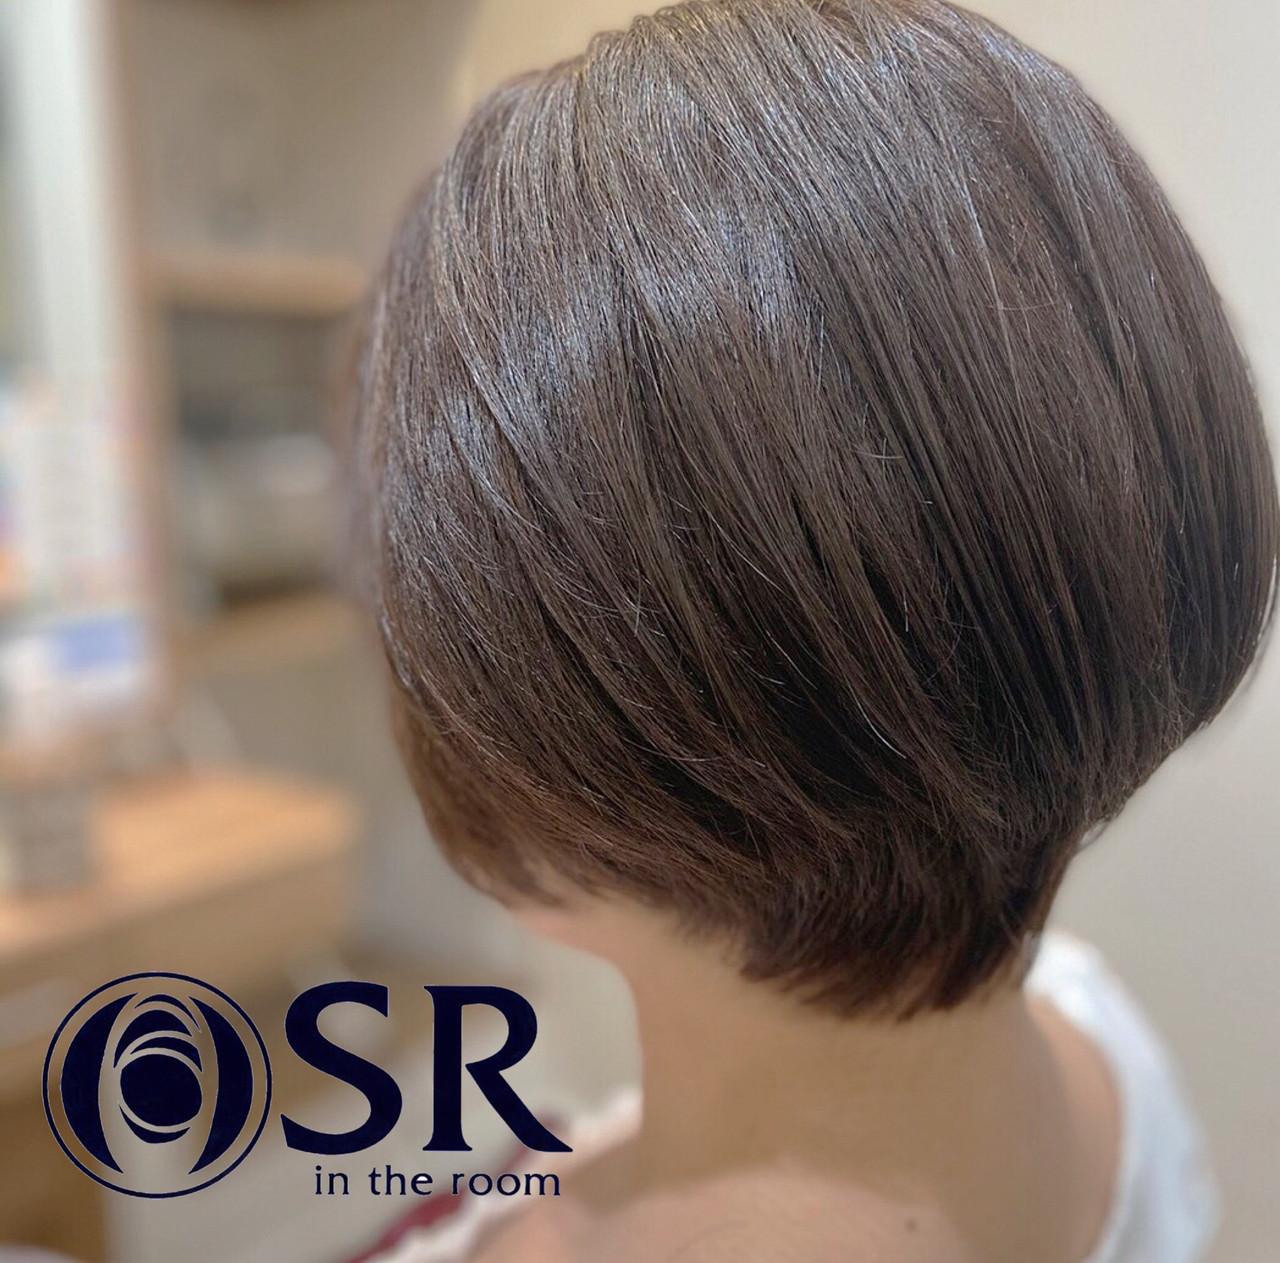 ショートヘア ボブ ミニボブ 大人女子 ヘアスタイルや髪型の写真・画像 | 公平 / SR in the room